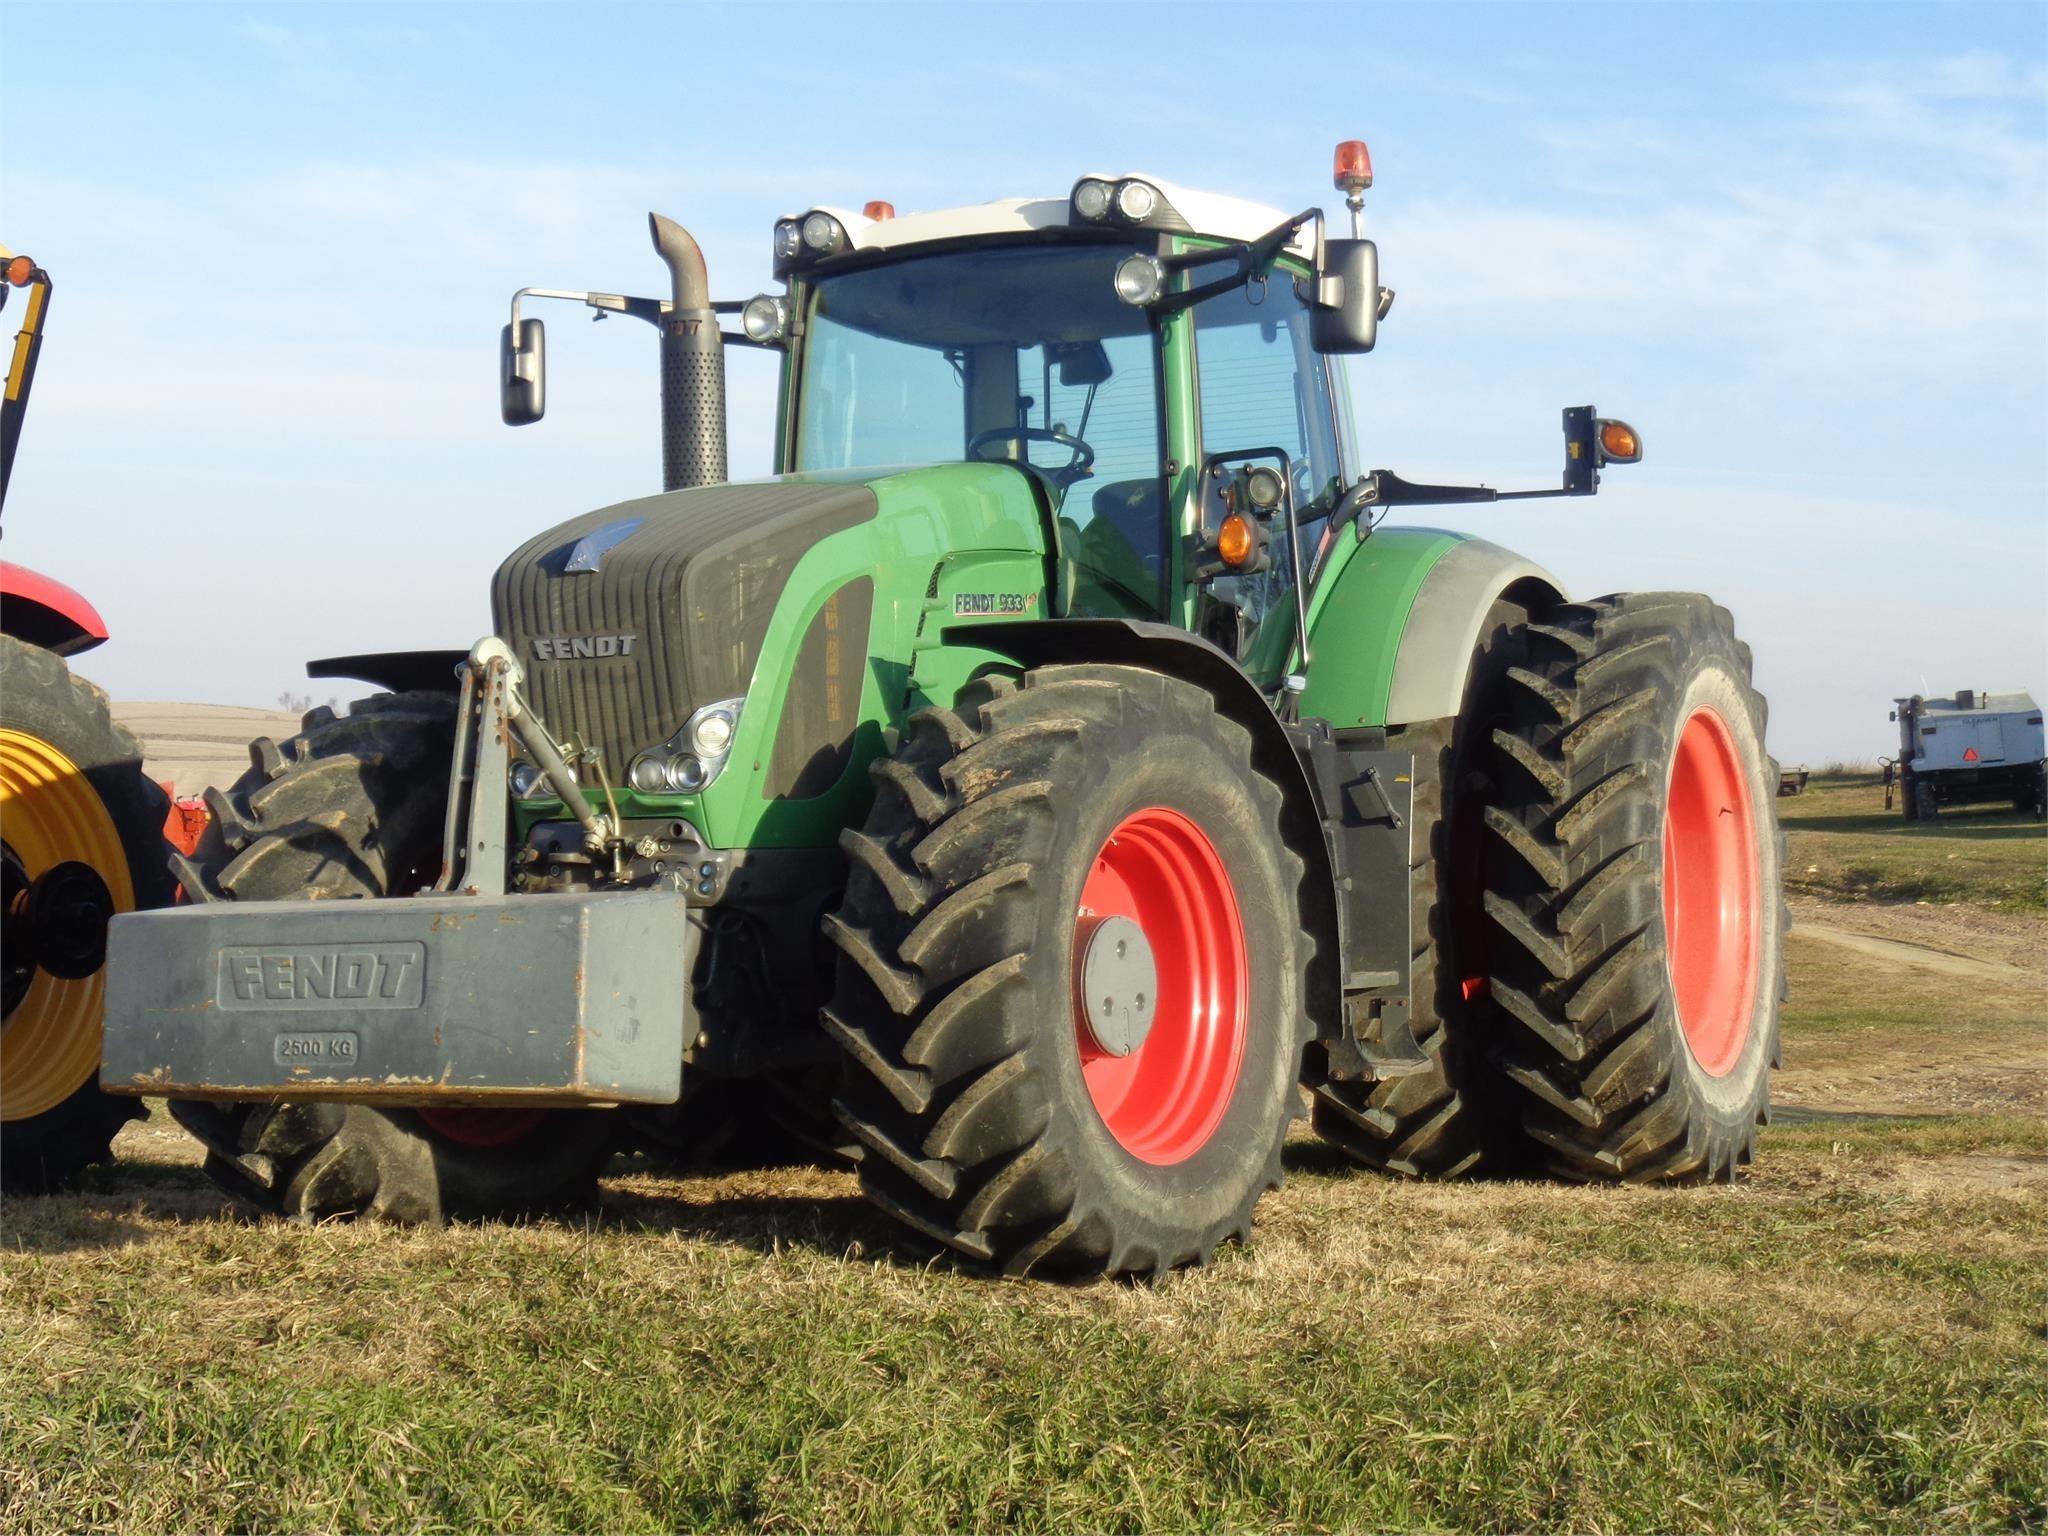 2011 Fendt 933 Vario Tractor